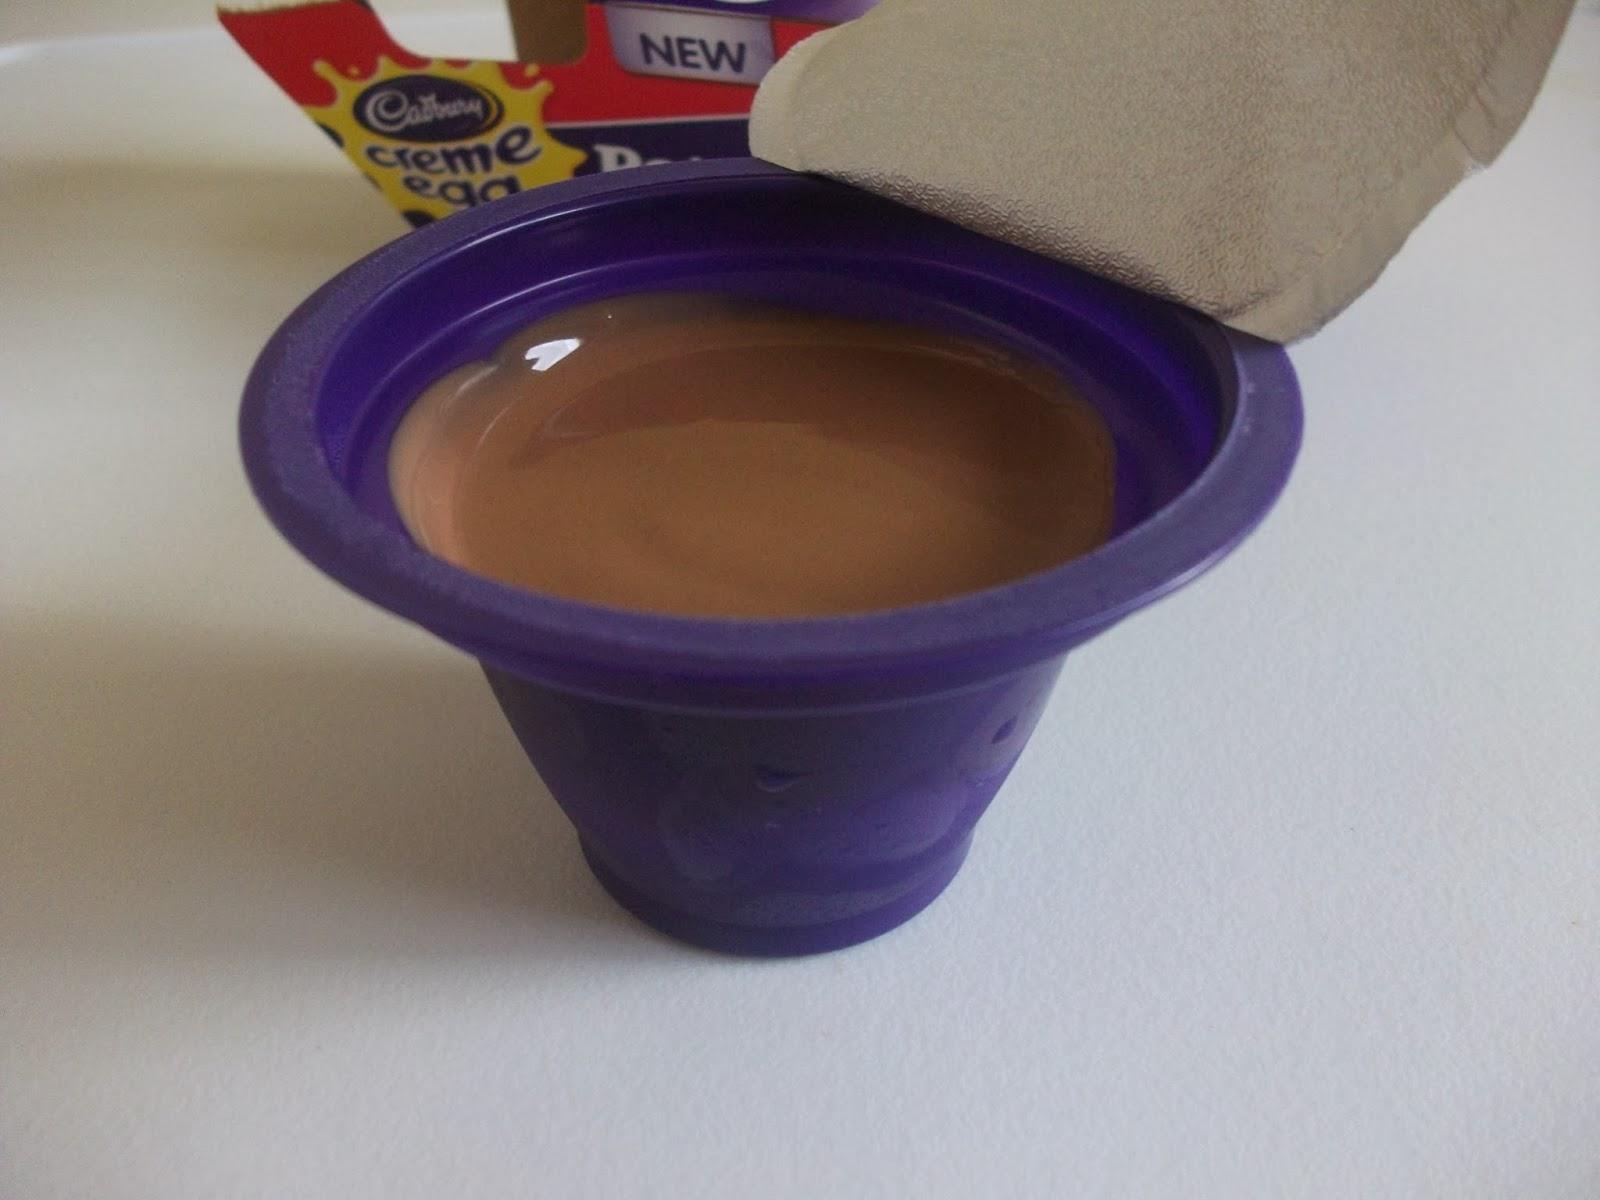 cadbury creme egg pots of joy